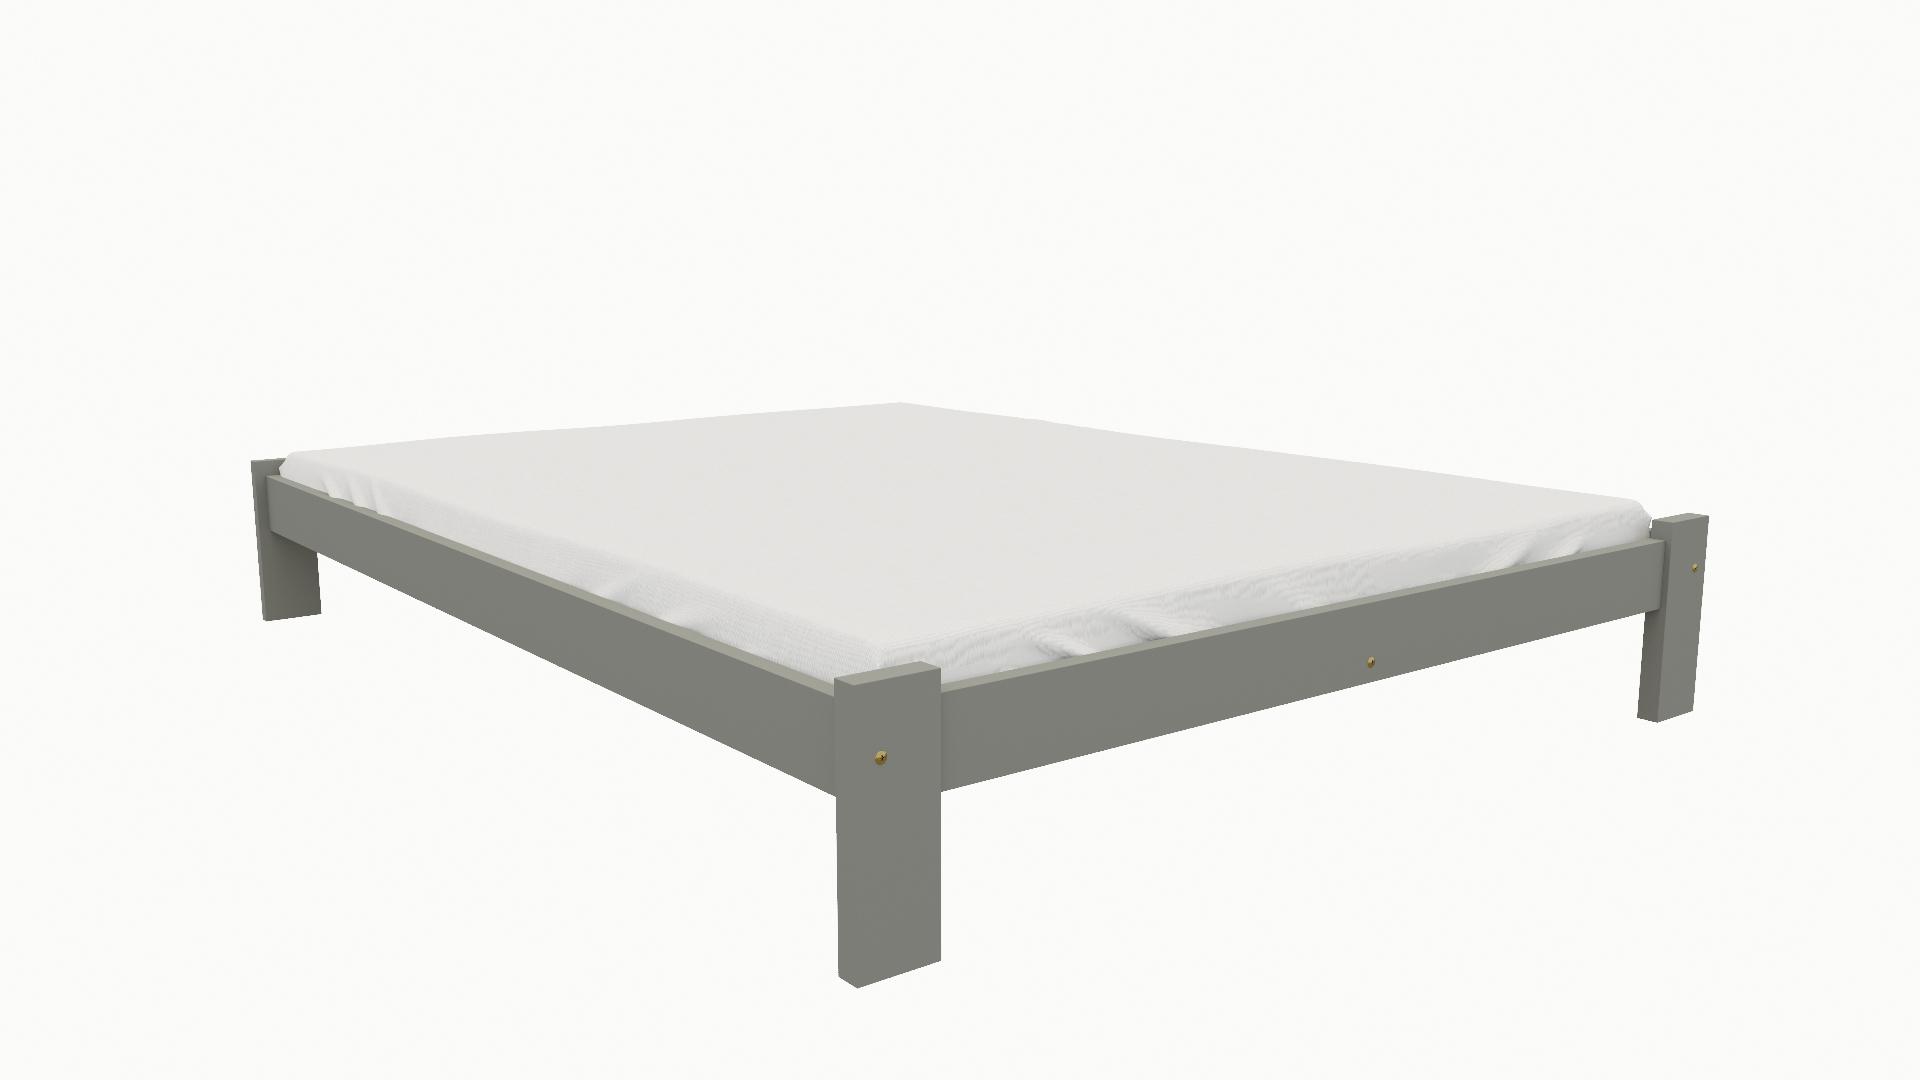 01cc8533c368 Dřevěná postel KV011 80x200 borovice masiv šedá empty